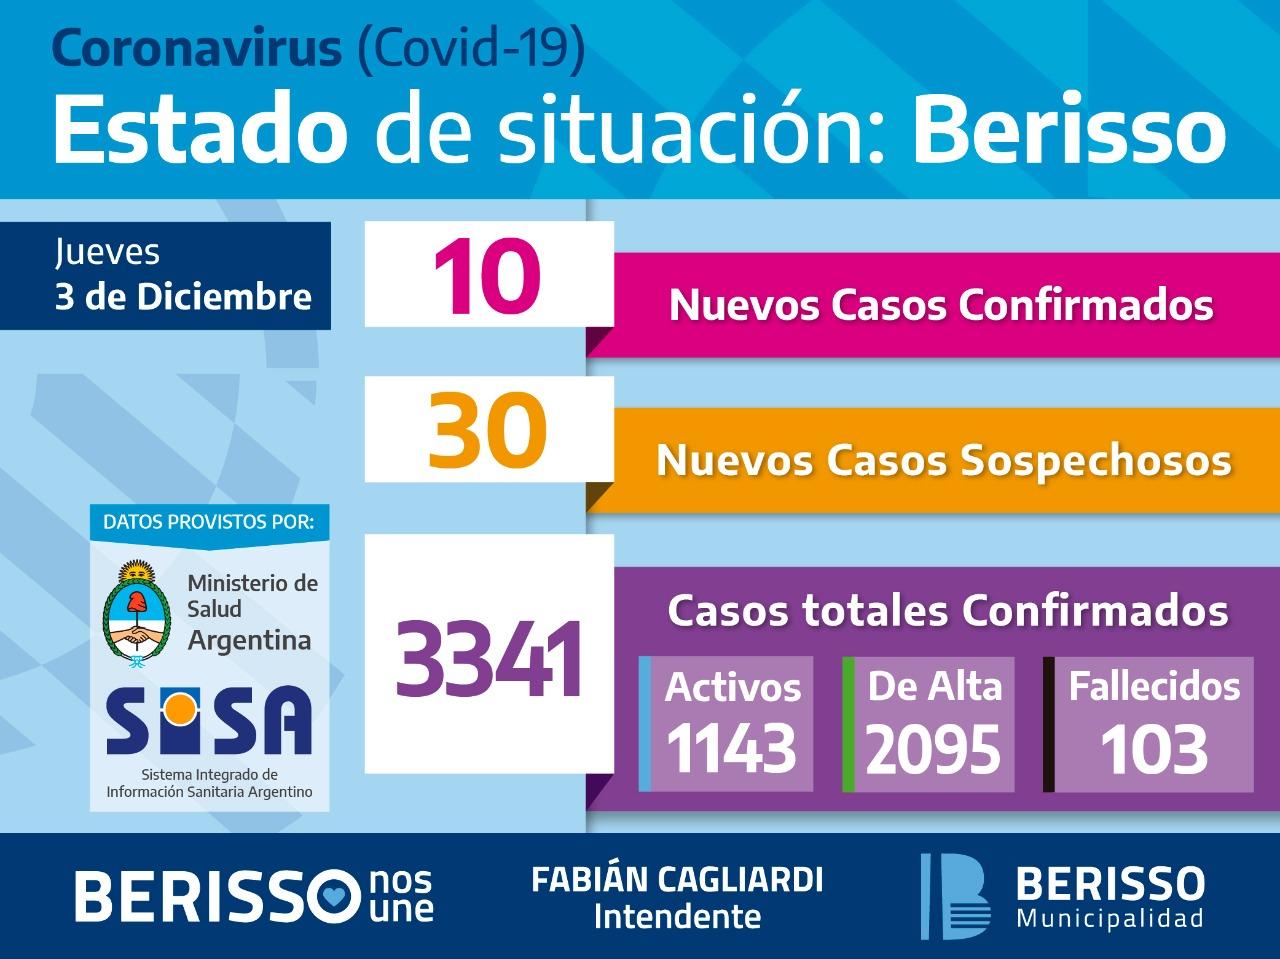 Coronavirus: informe diario sobre el estado de situación en Berisso